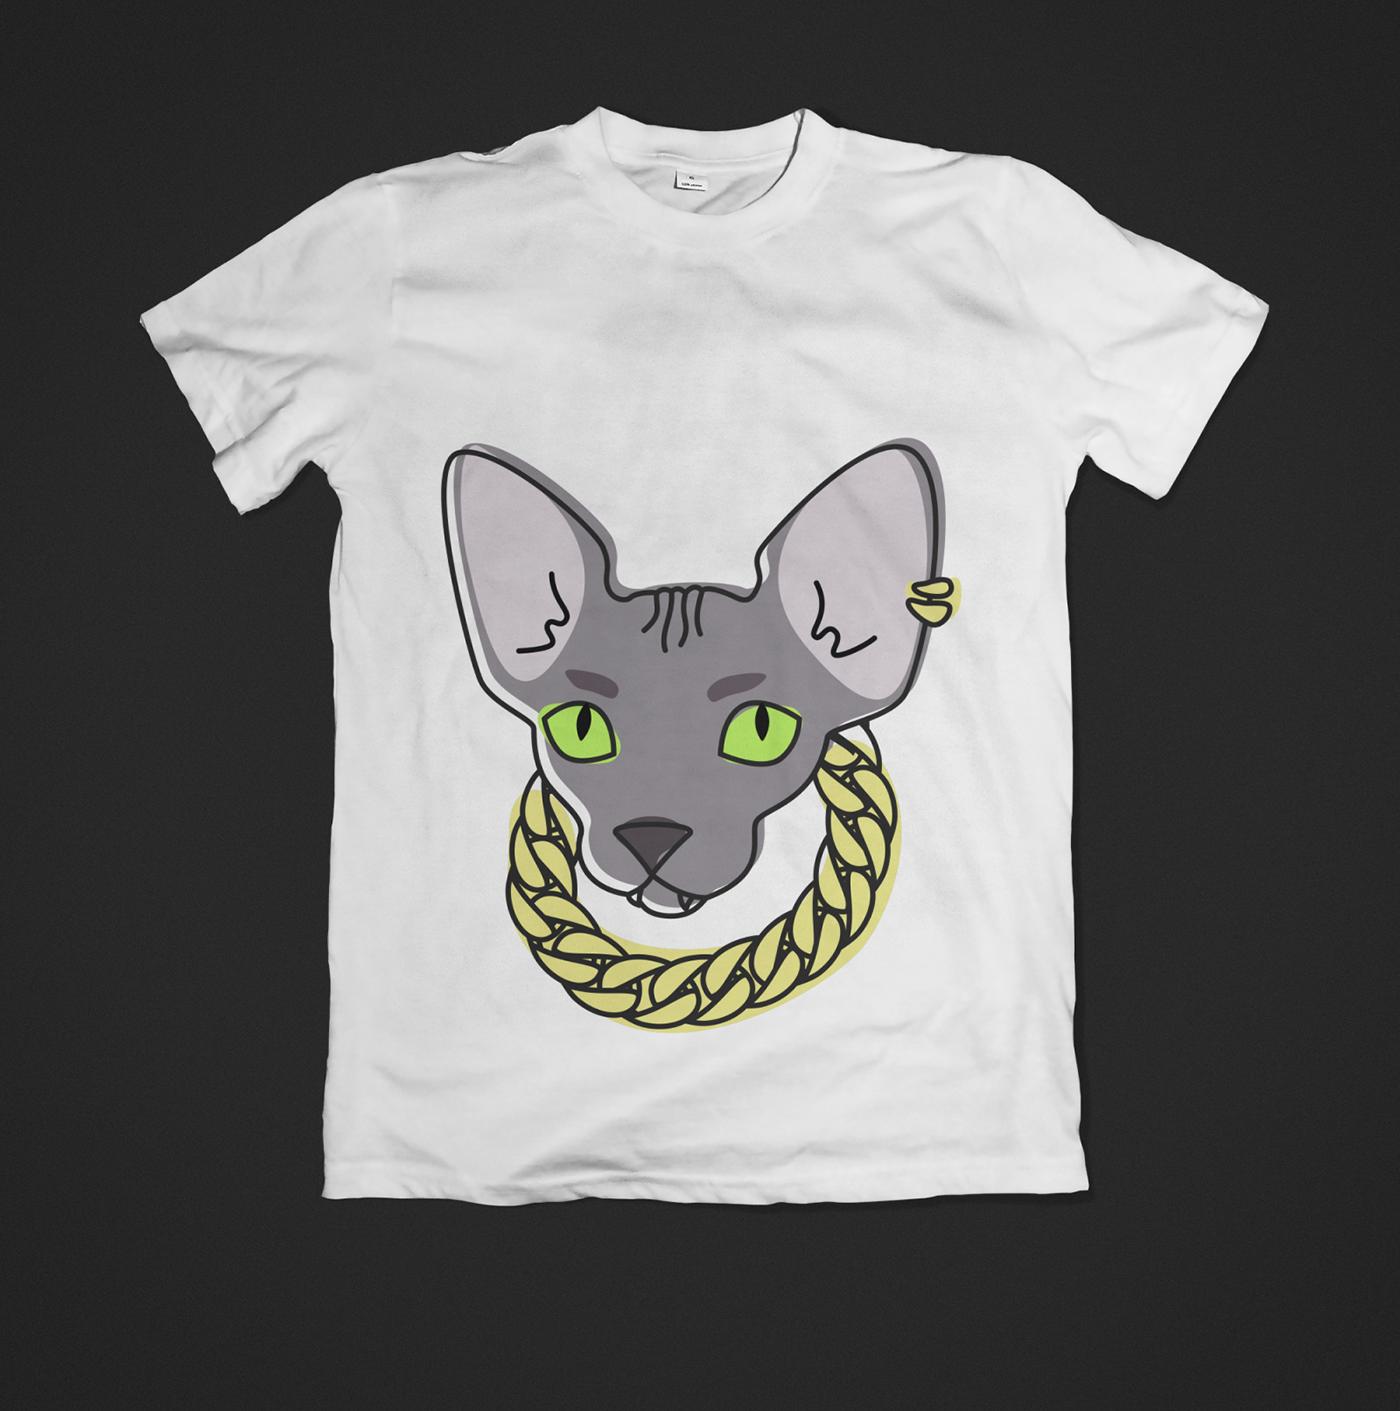 t-shirts t-shirt ILLUSTRATION  FOX Cat Clothing Illustrator